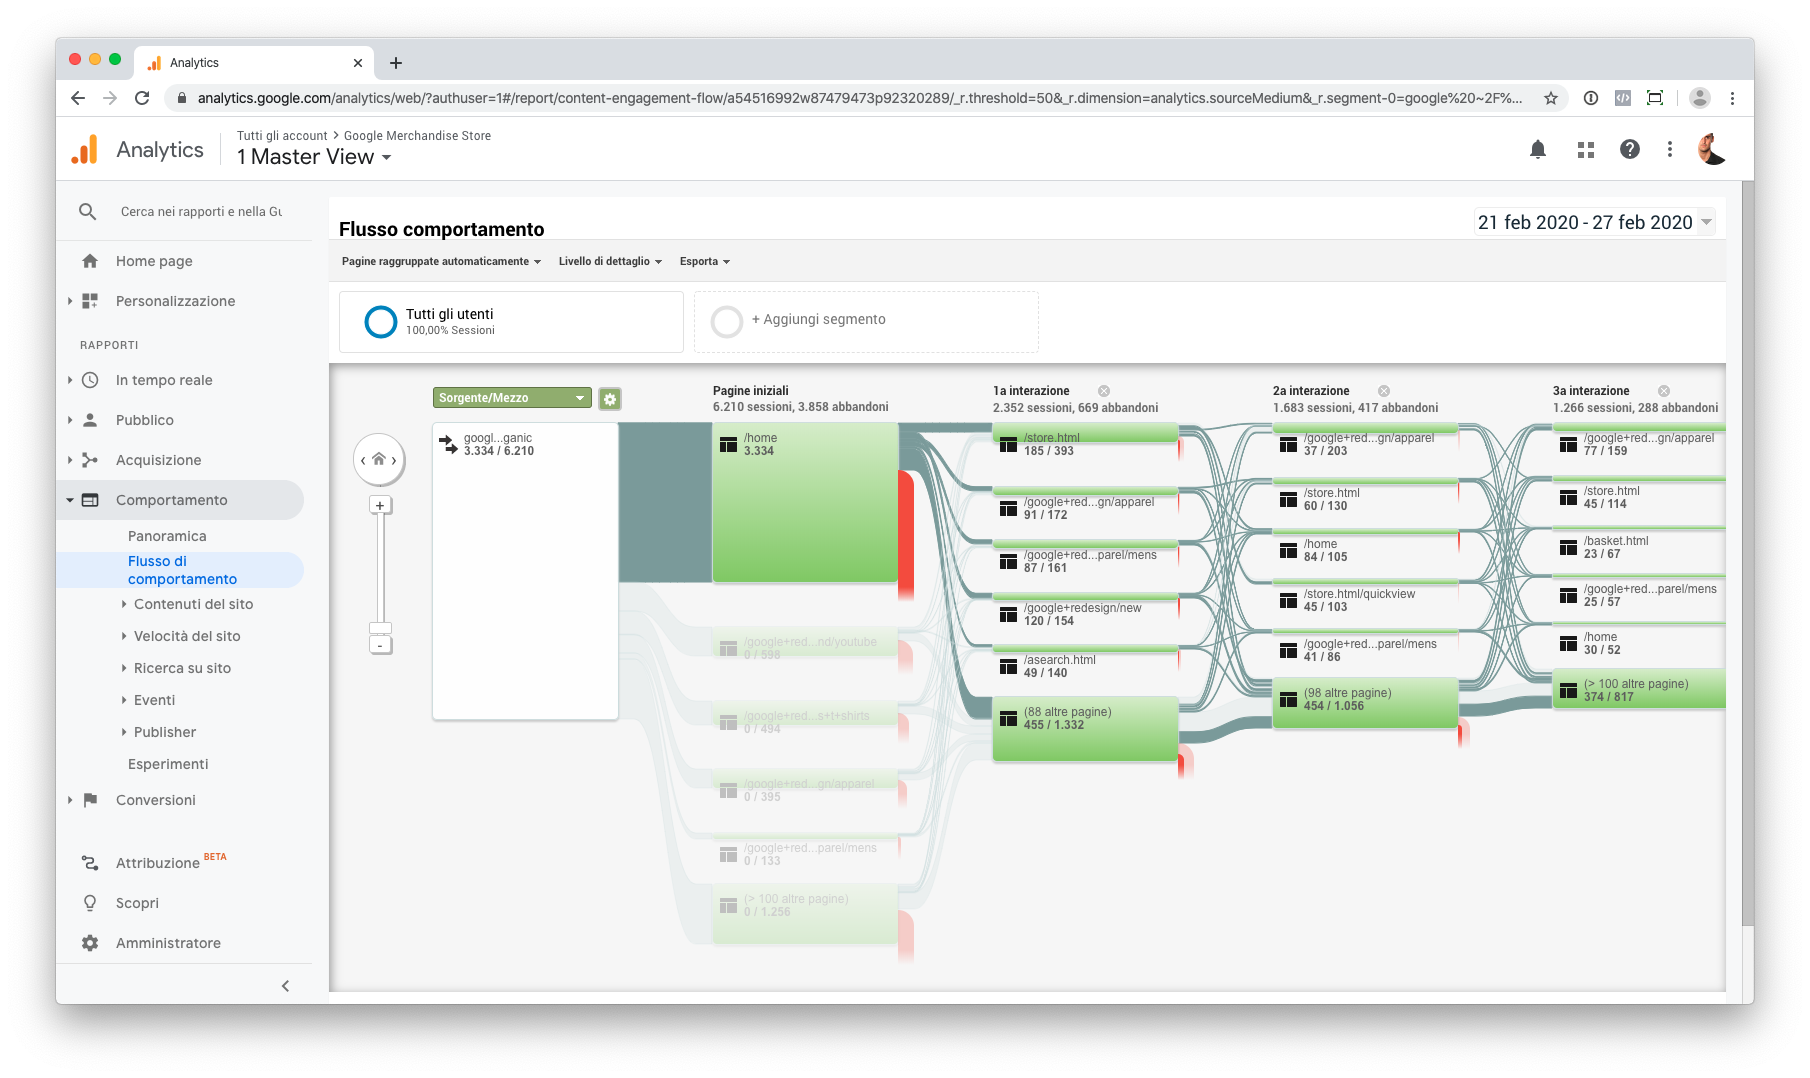 Filtrare il report flusso di comportamento in Google Analytics